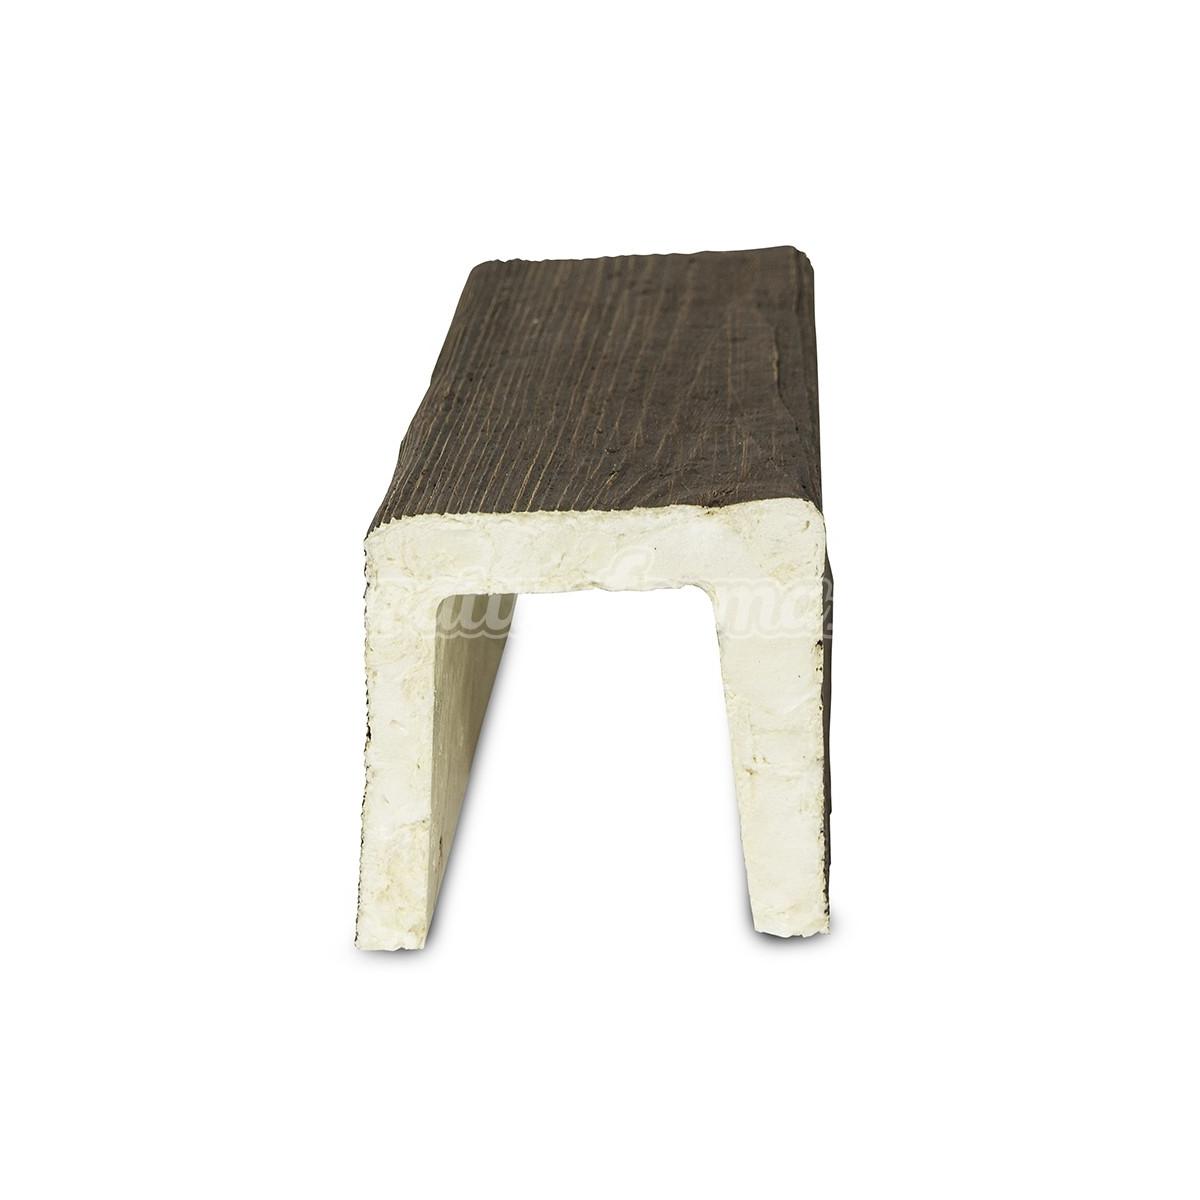 Viga 300x10x10  imitación madera al mejor precio